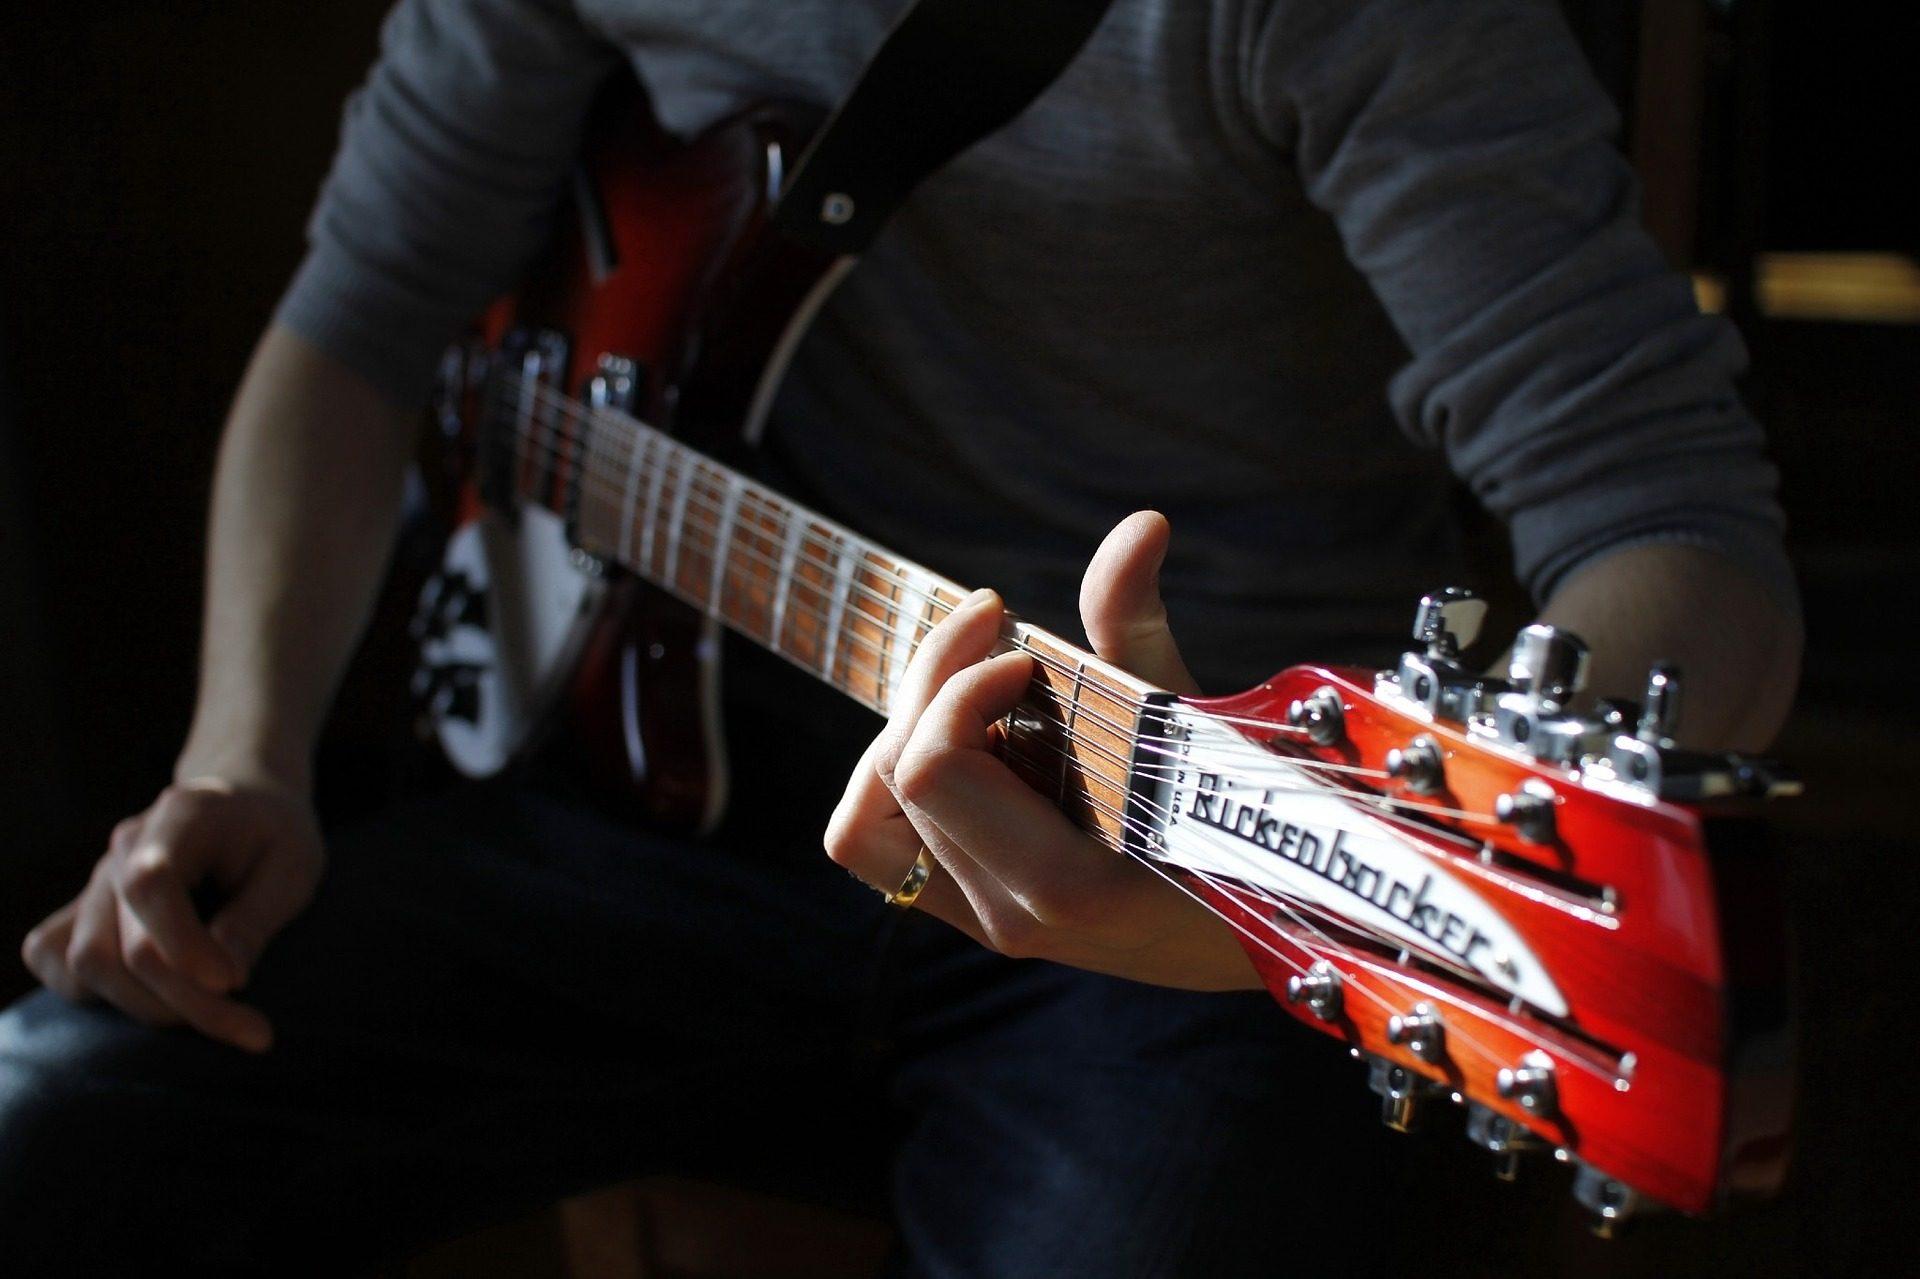 جيتار, الكهربائية, الصاري, سلاسل, ريكينباكر - خلفيات عالية الدقة - أستاذ falken.com